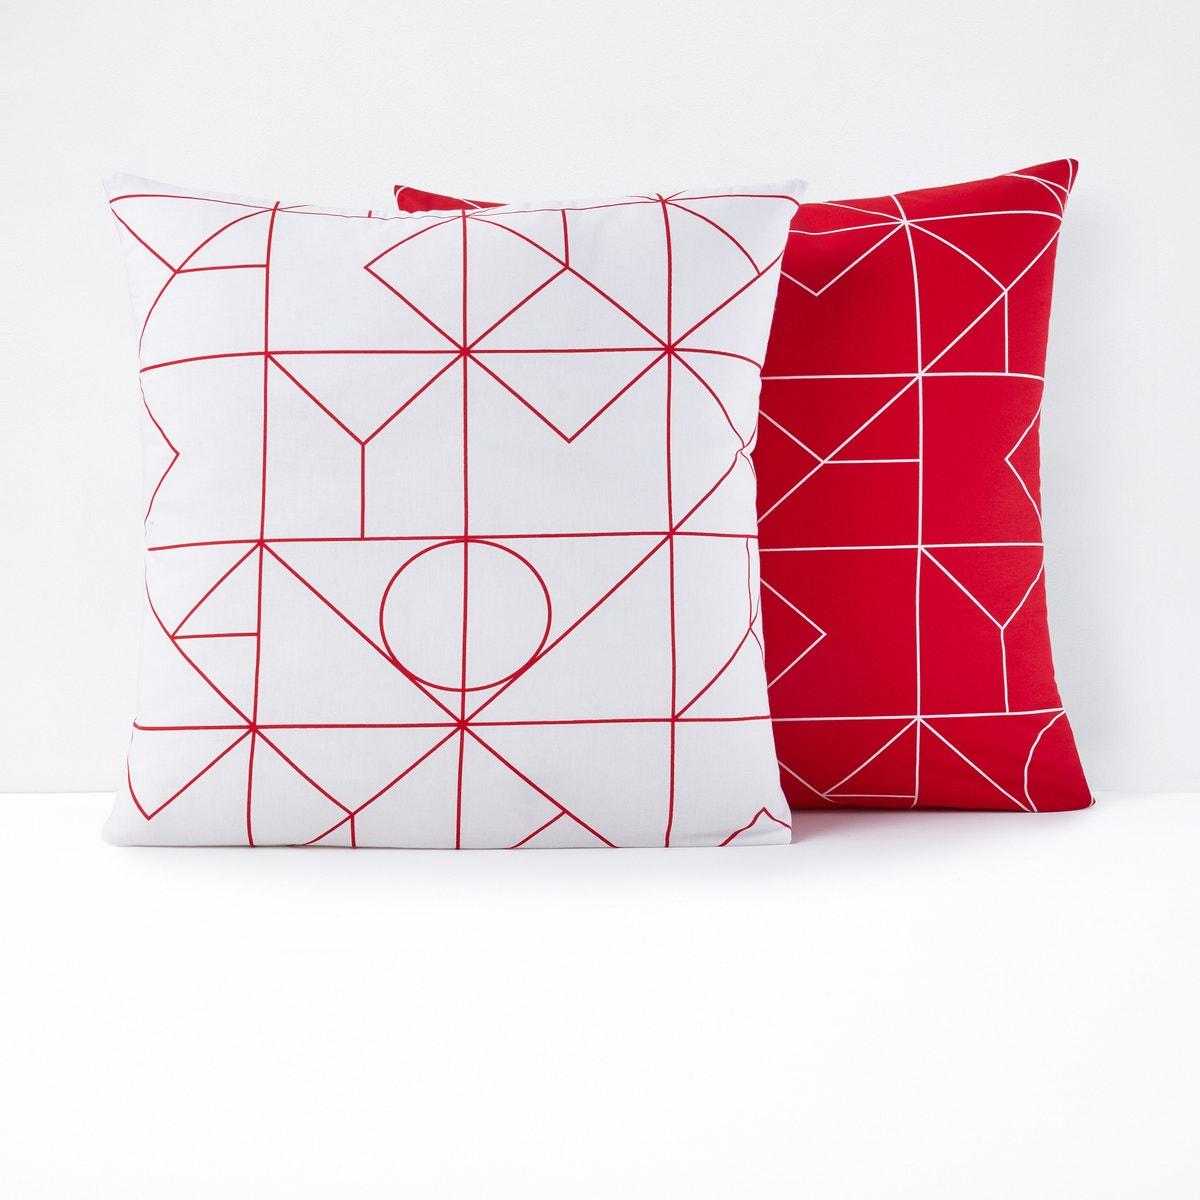 Vidmey コットン 幾何学模様プリント枕カバー